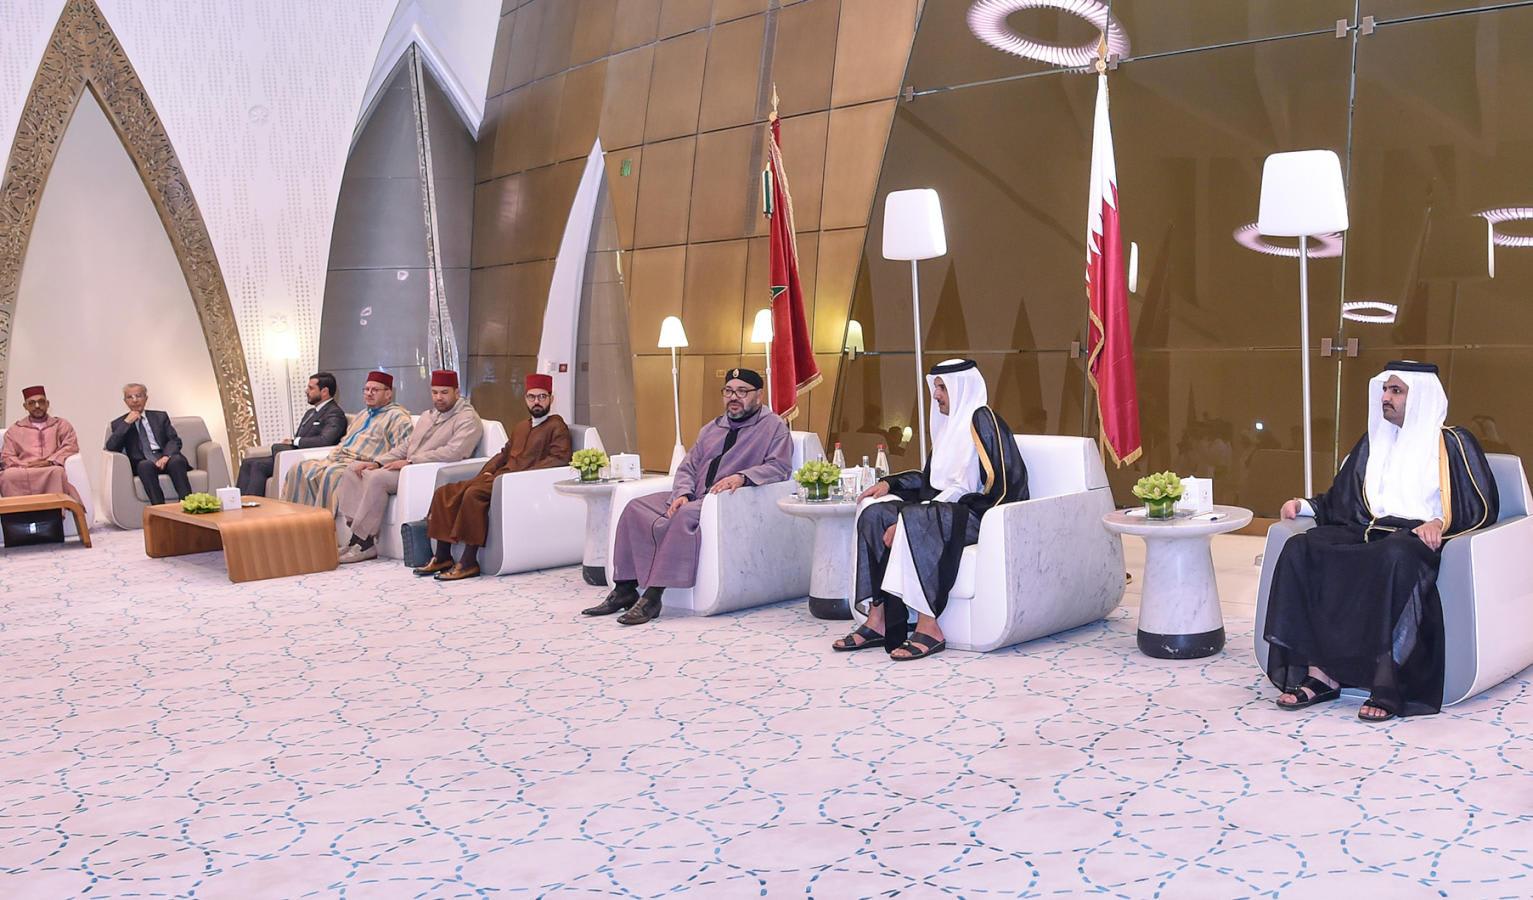 """صورة مفبركة لملك المغرب """"ينحاز فيها الى قطر"""" تشعل مواقع التواصل.. والدوحة تعلق"""